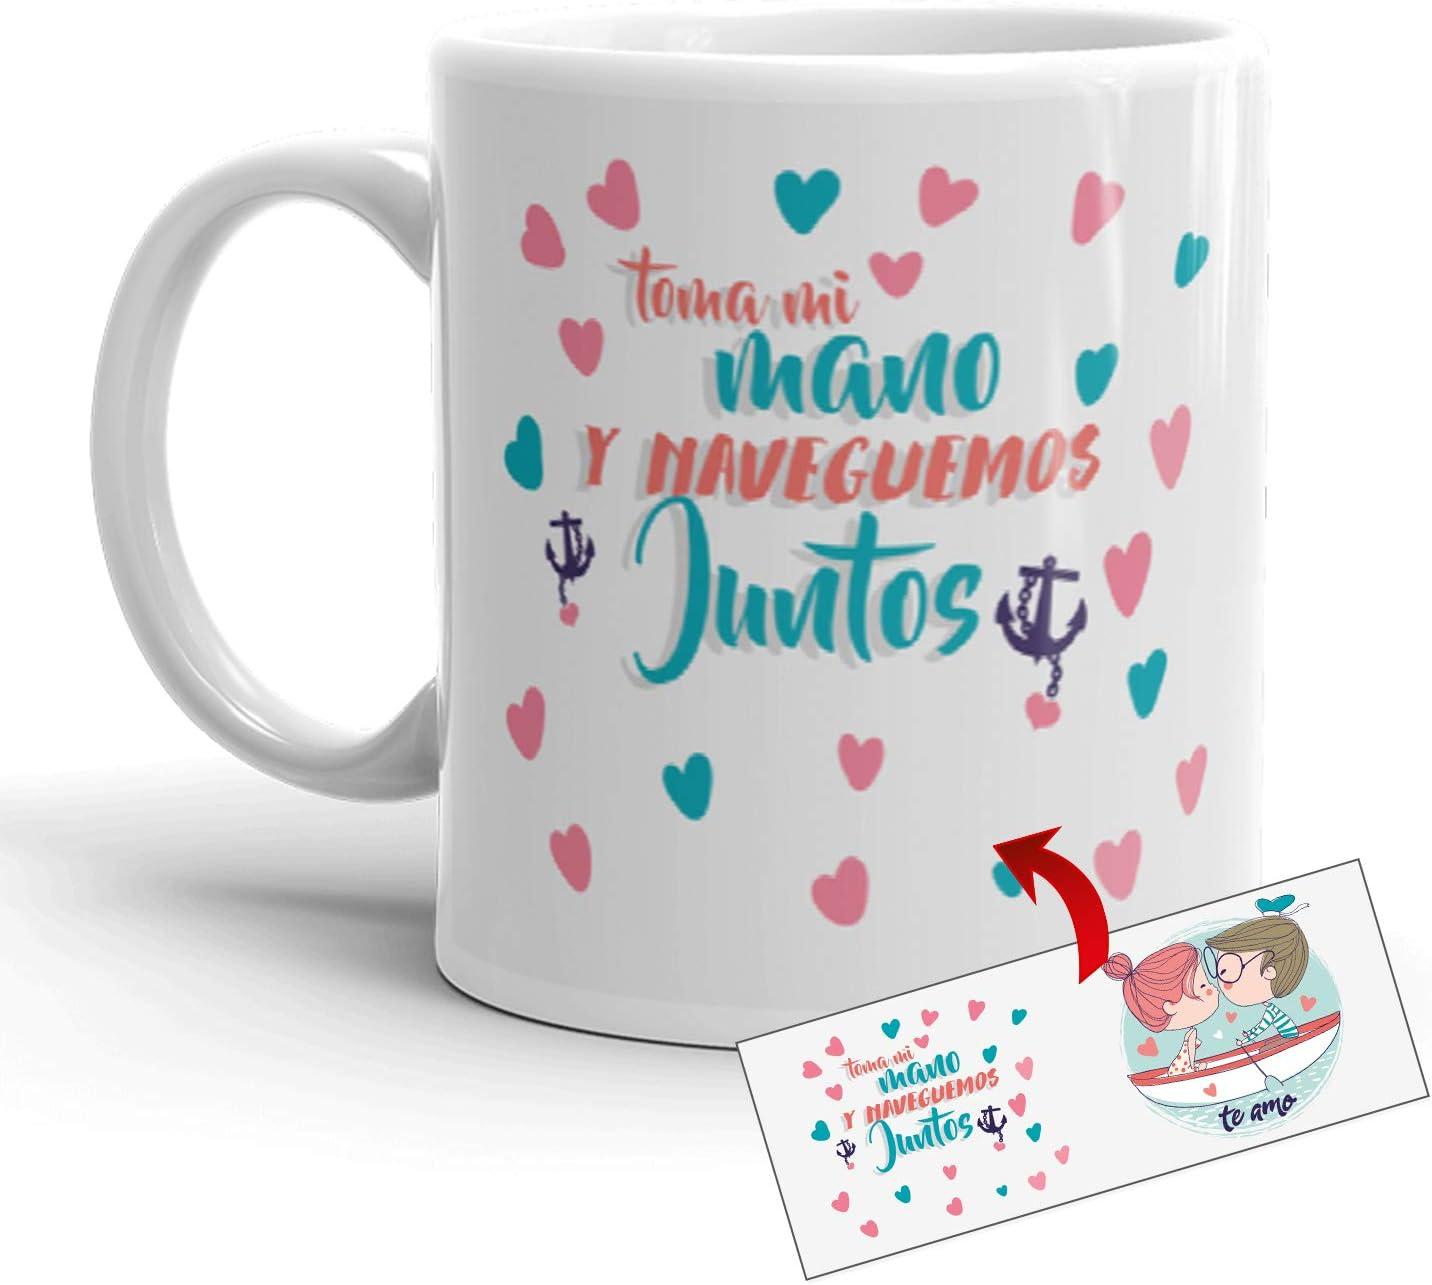 Kembilove Taza de café para Pareja de Enamorados - Taza Toma mi Mano y naveguemos Juntos Regalo Original para Novios y Novias San Valentín - Taza de Desayuno para Regalar Enamorados, Cumpleaños